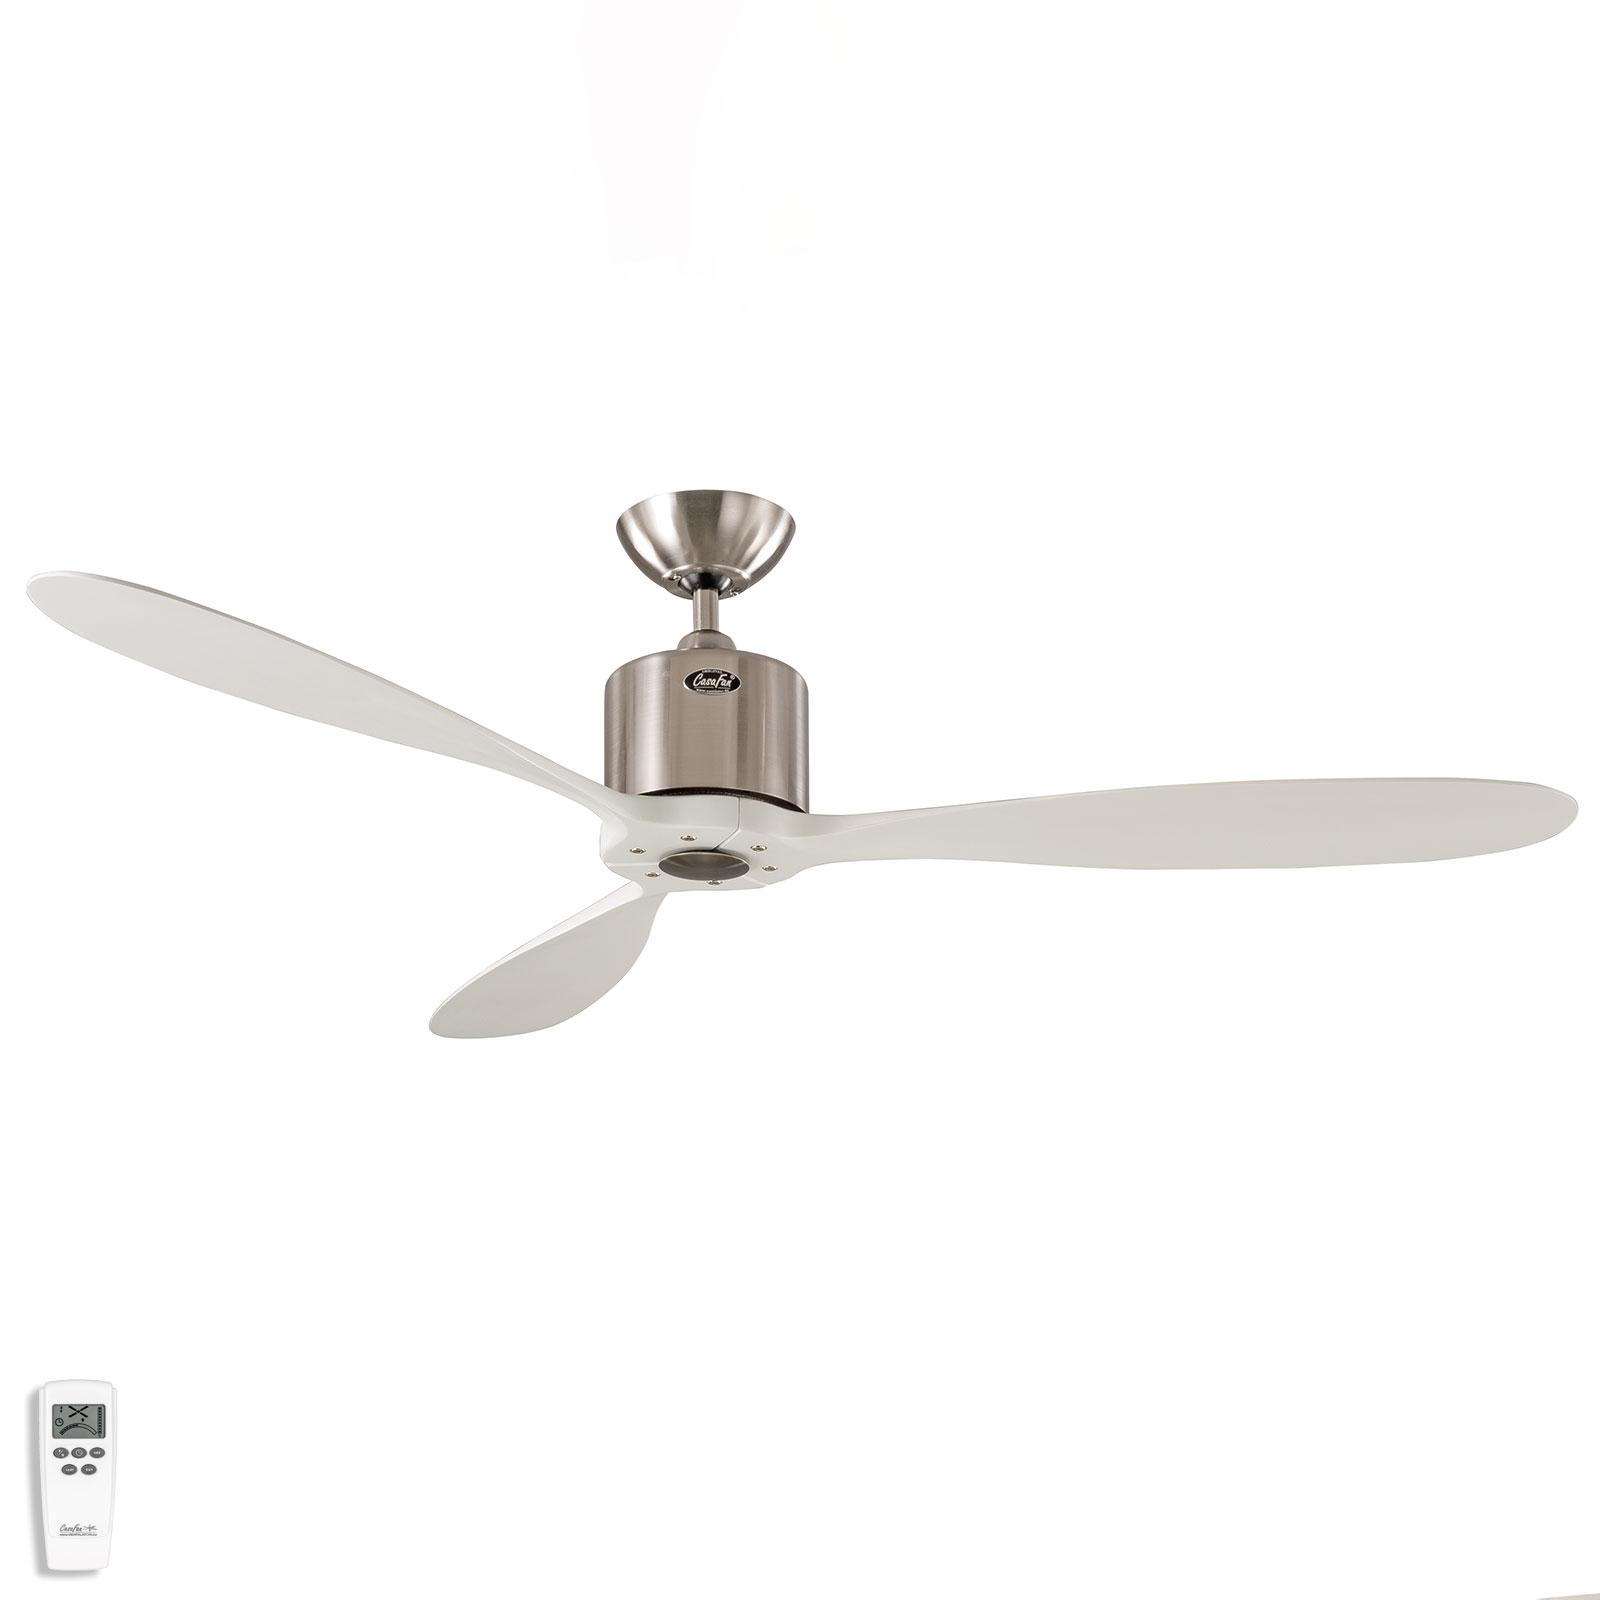 Ventilateur de plafond Aeroplan Eco, chromé, blanc